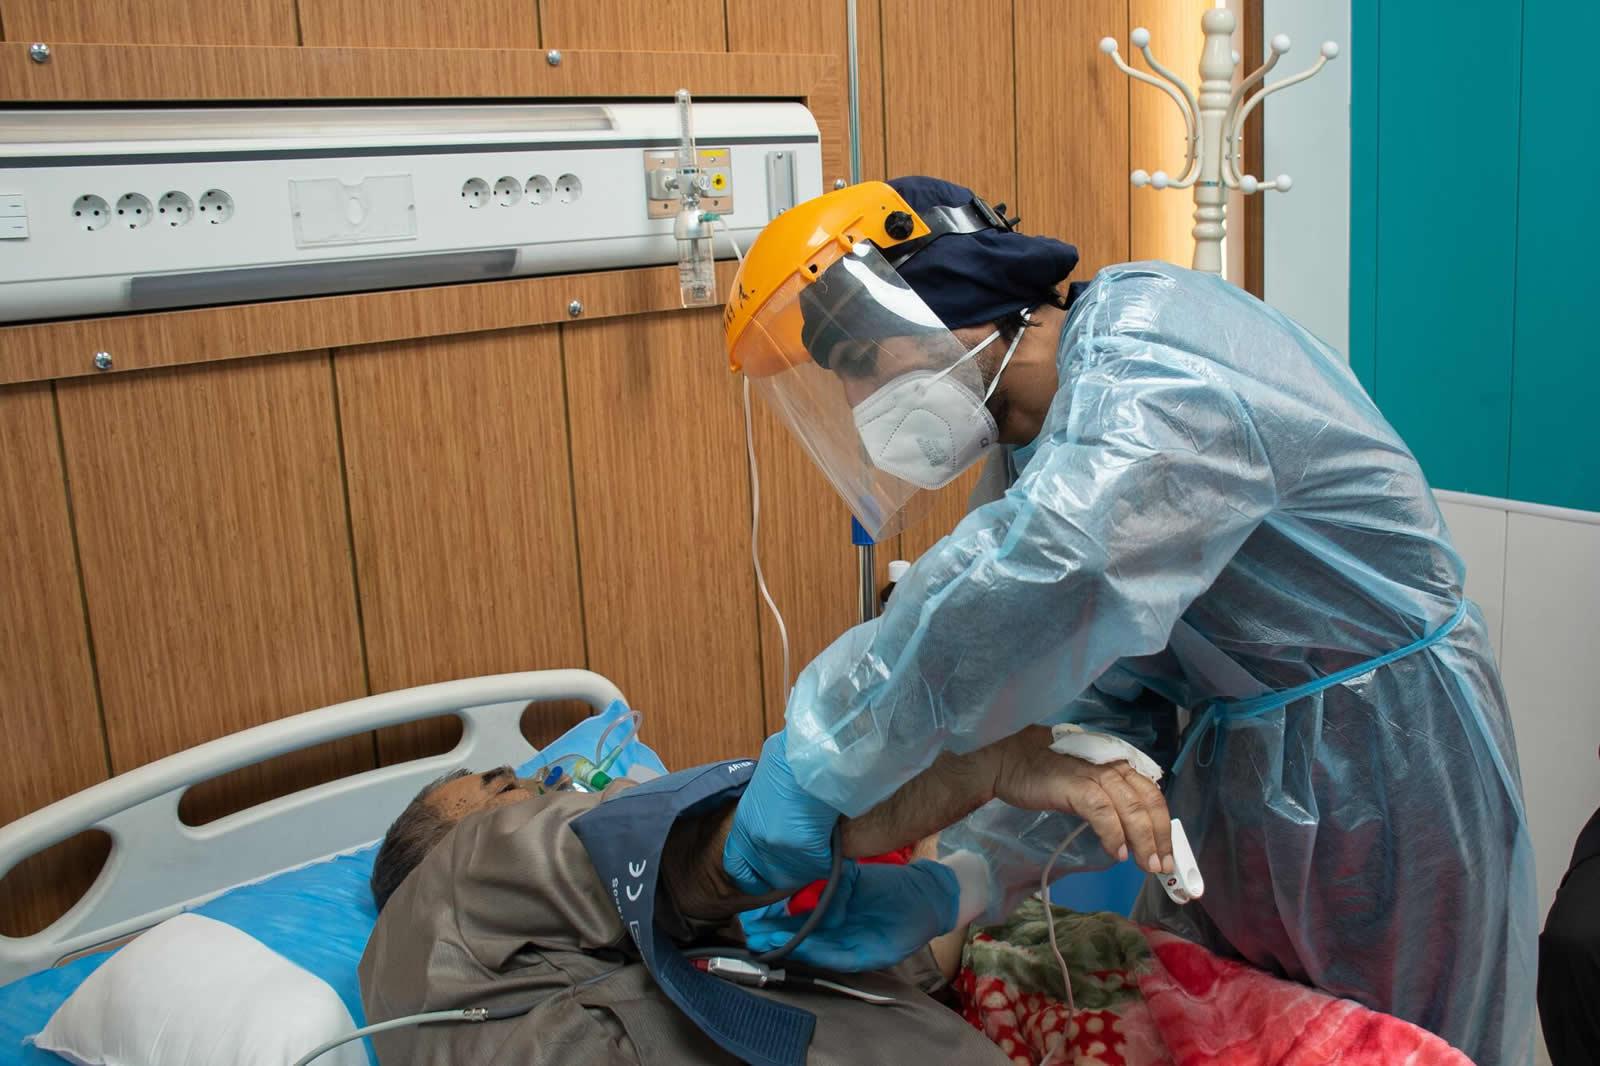 無國界醫生的護理師在金迪醫院,正在確認新冠肺炎患者的狀況。